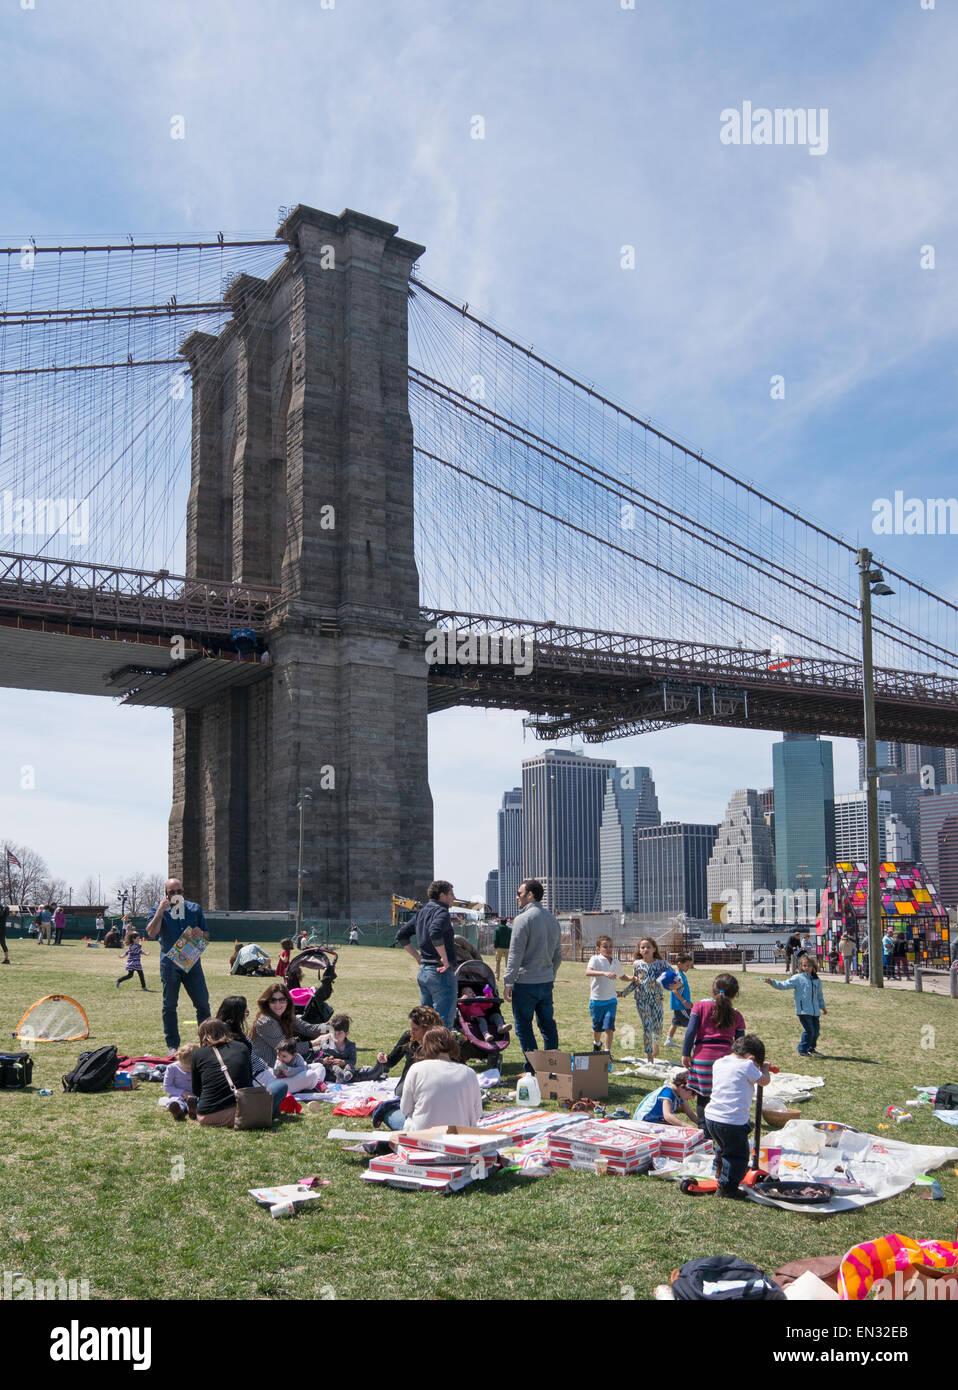 Picnic in famiglia Ponte di Brooklyn Park, New York, Stati Uniti d'America Immagini Stock